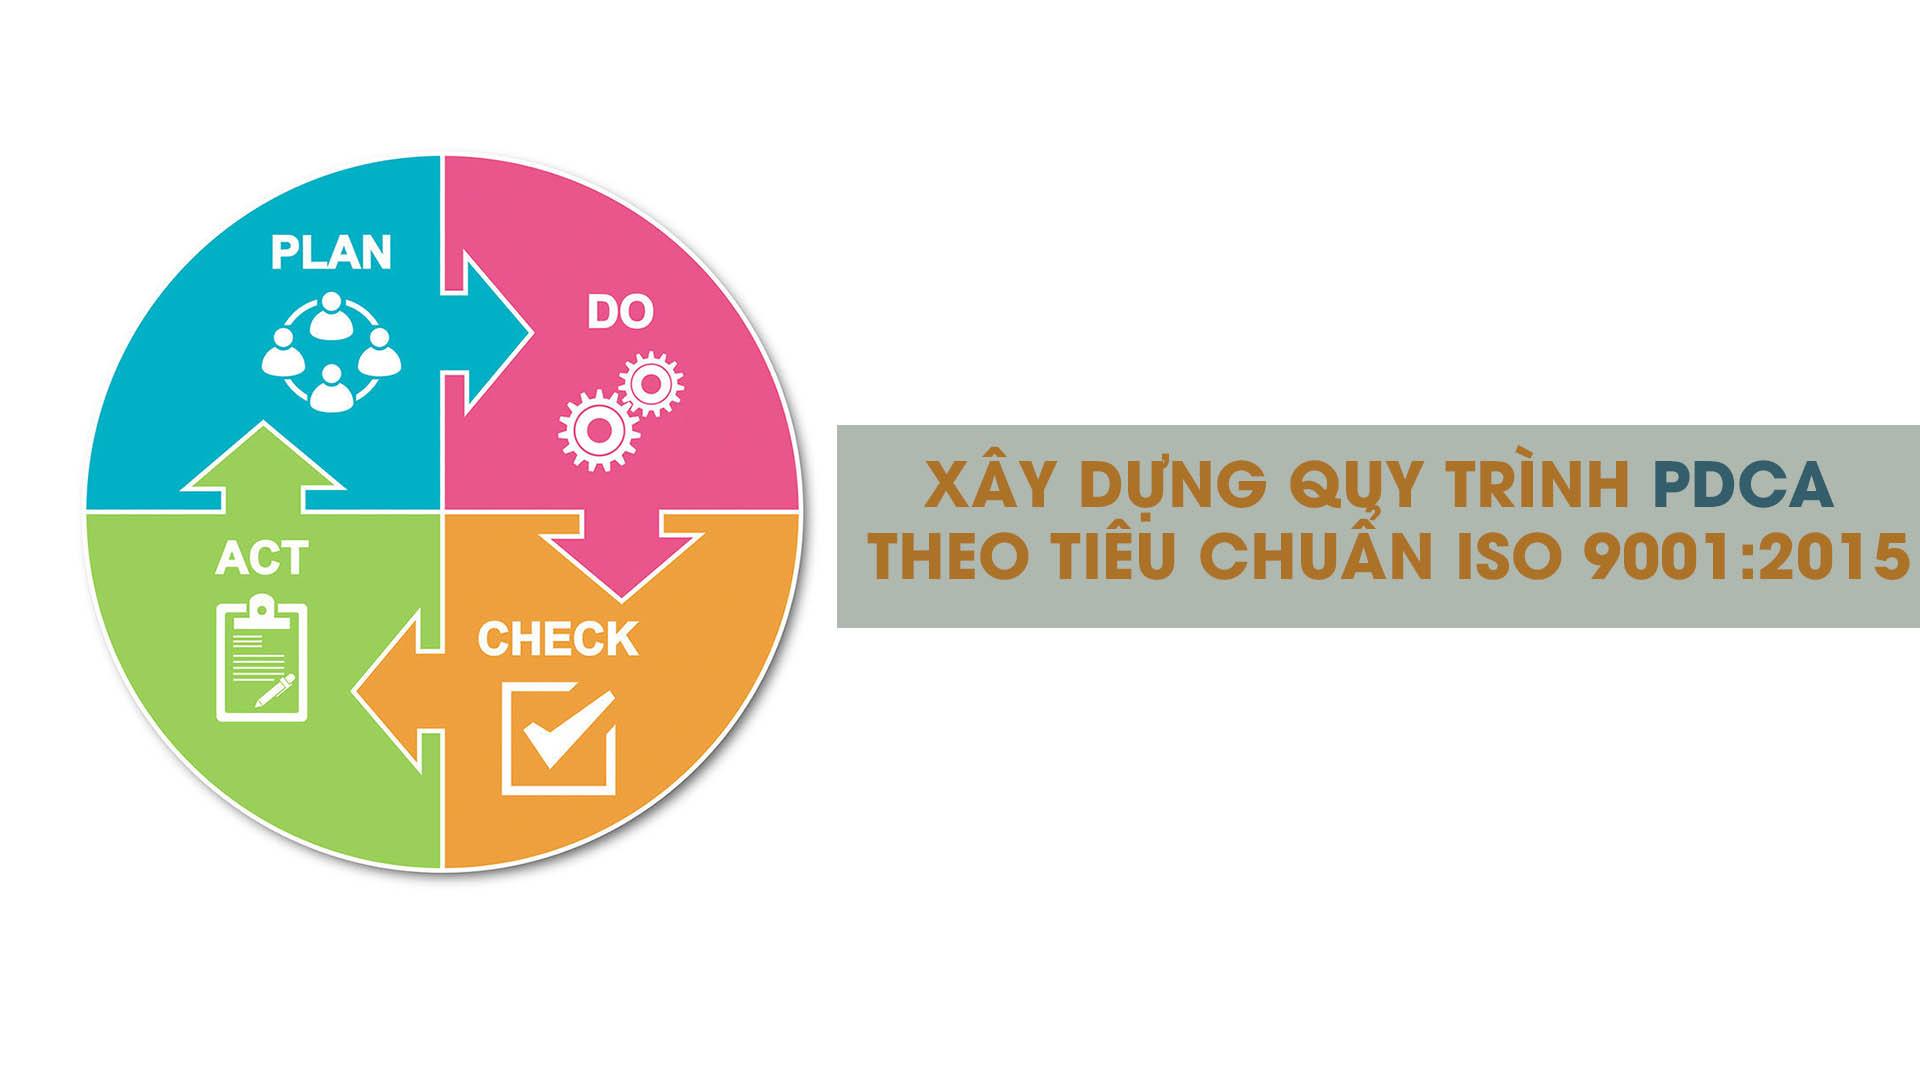 Xây Dựng Quy Trình PDCA Theo Tiêu Chuẩn ISO 9001